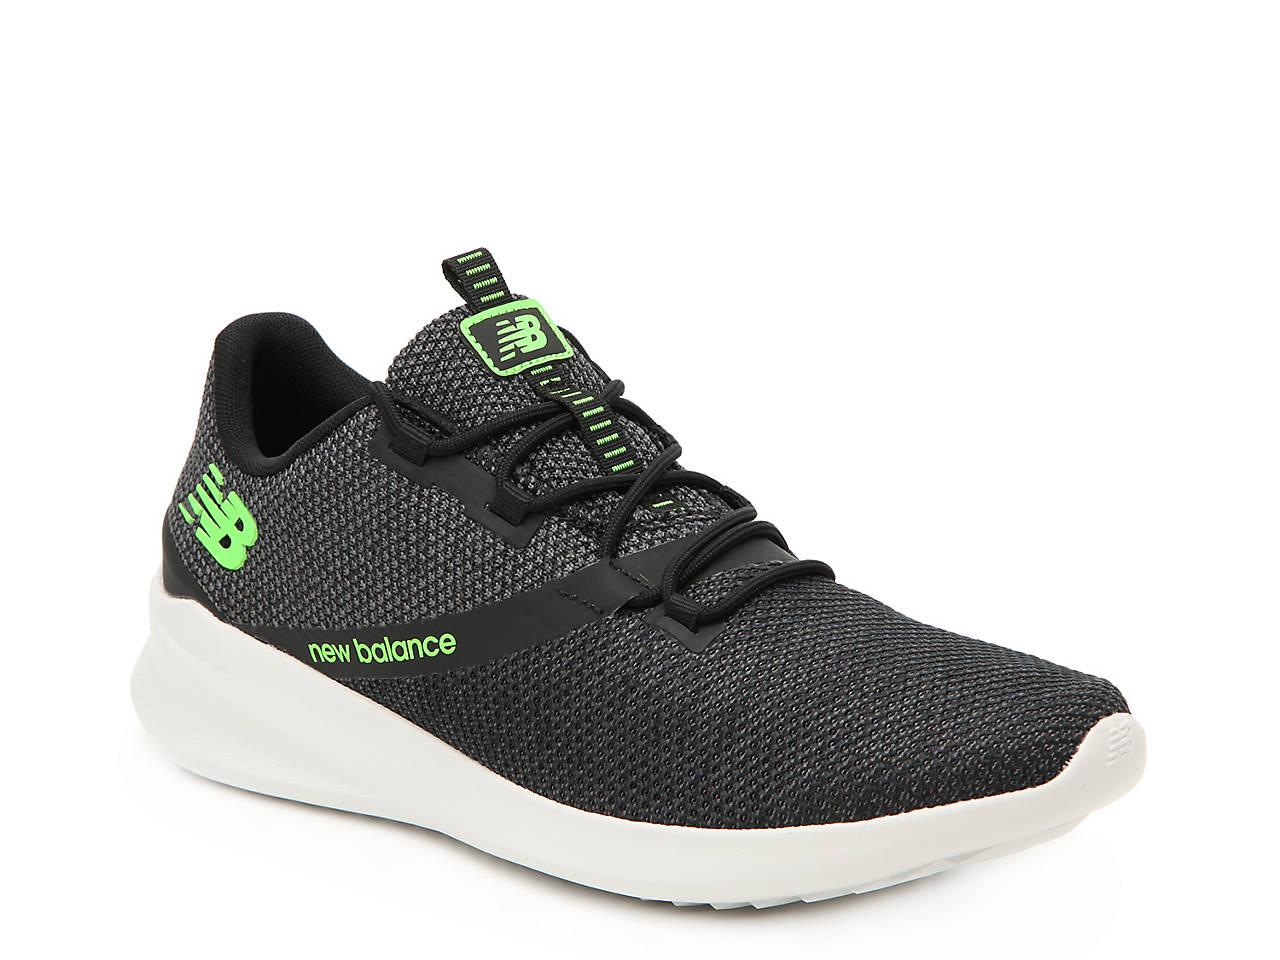 73d520577a7b8 New Balance District Run Lightweight Running Shoe - Men's Men's ...